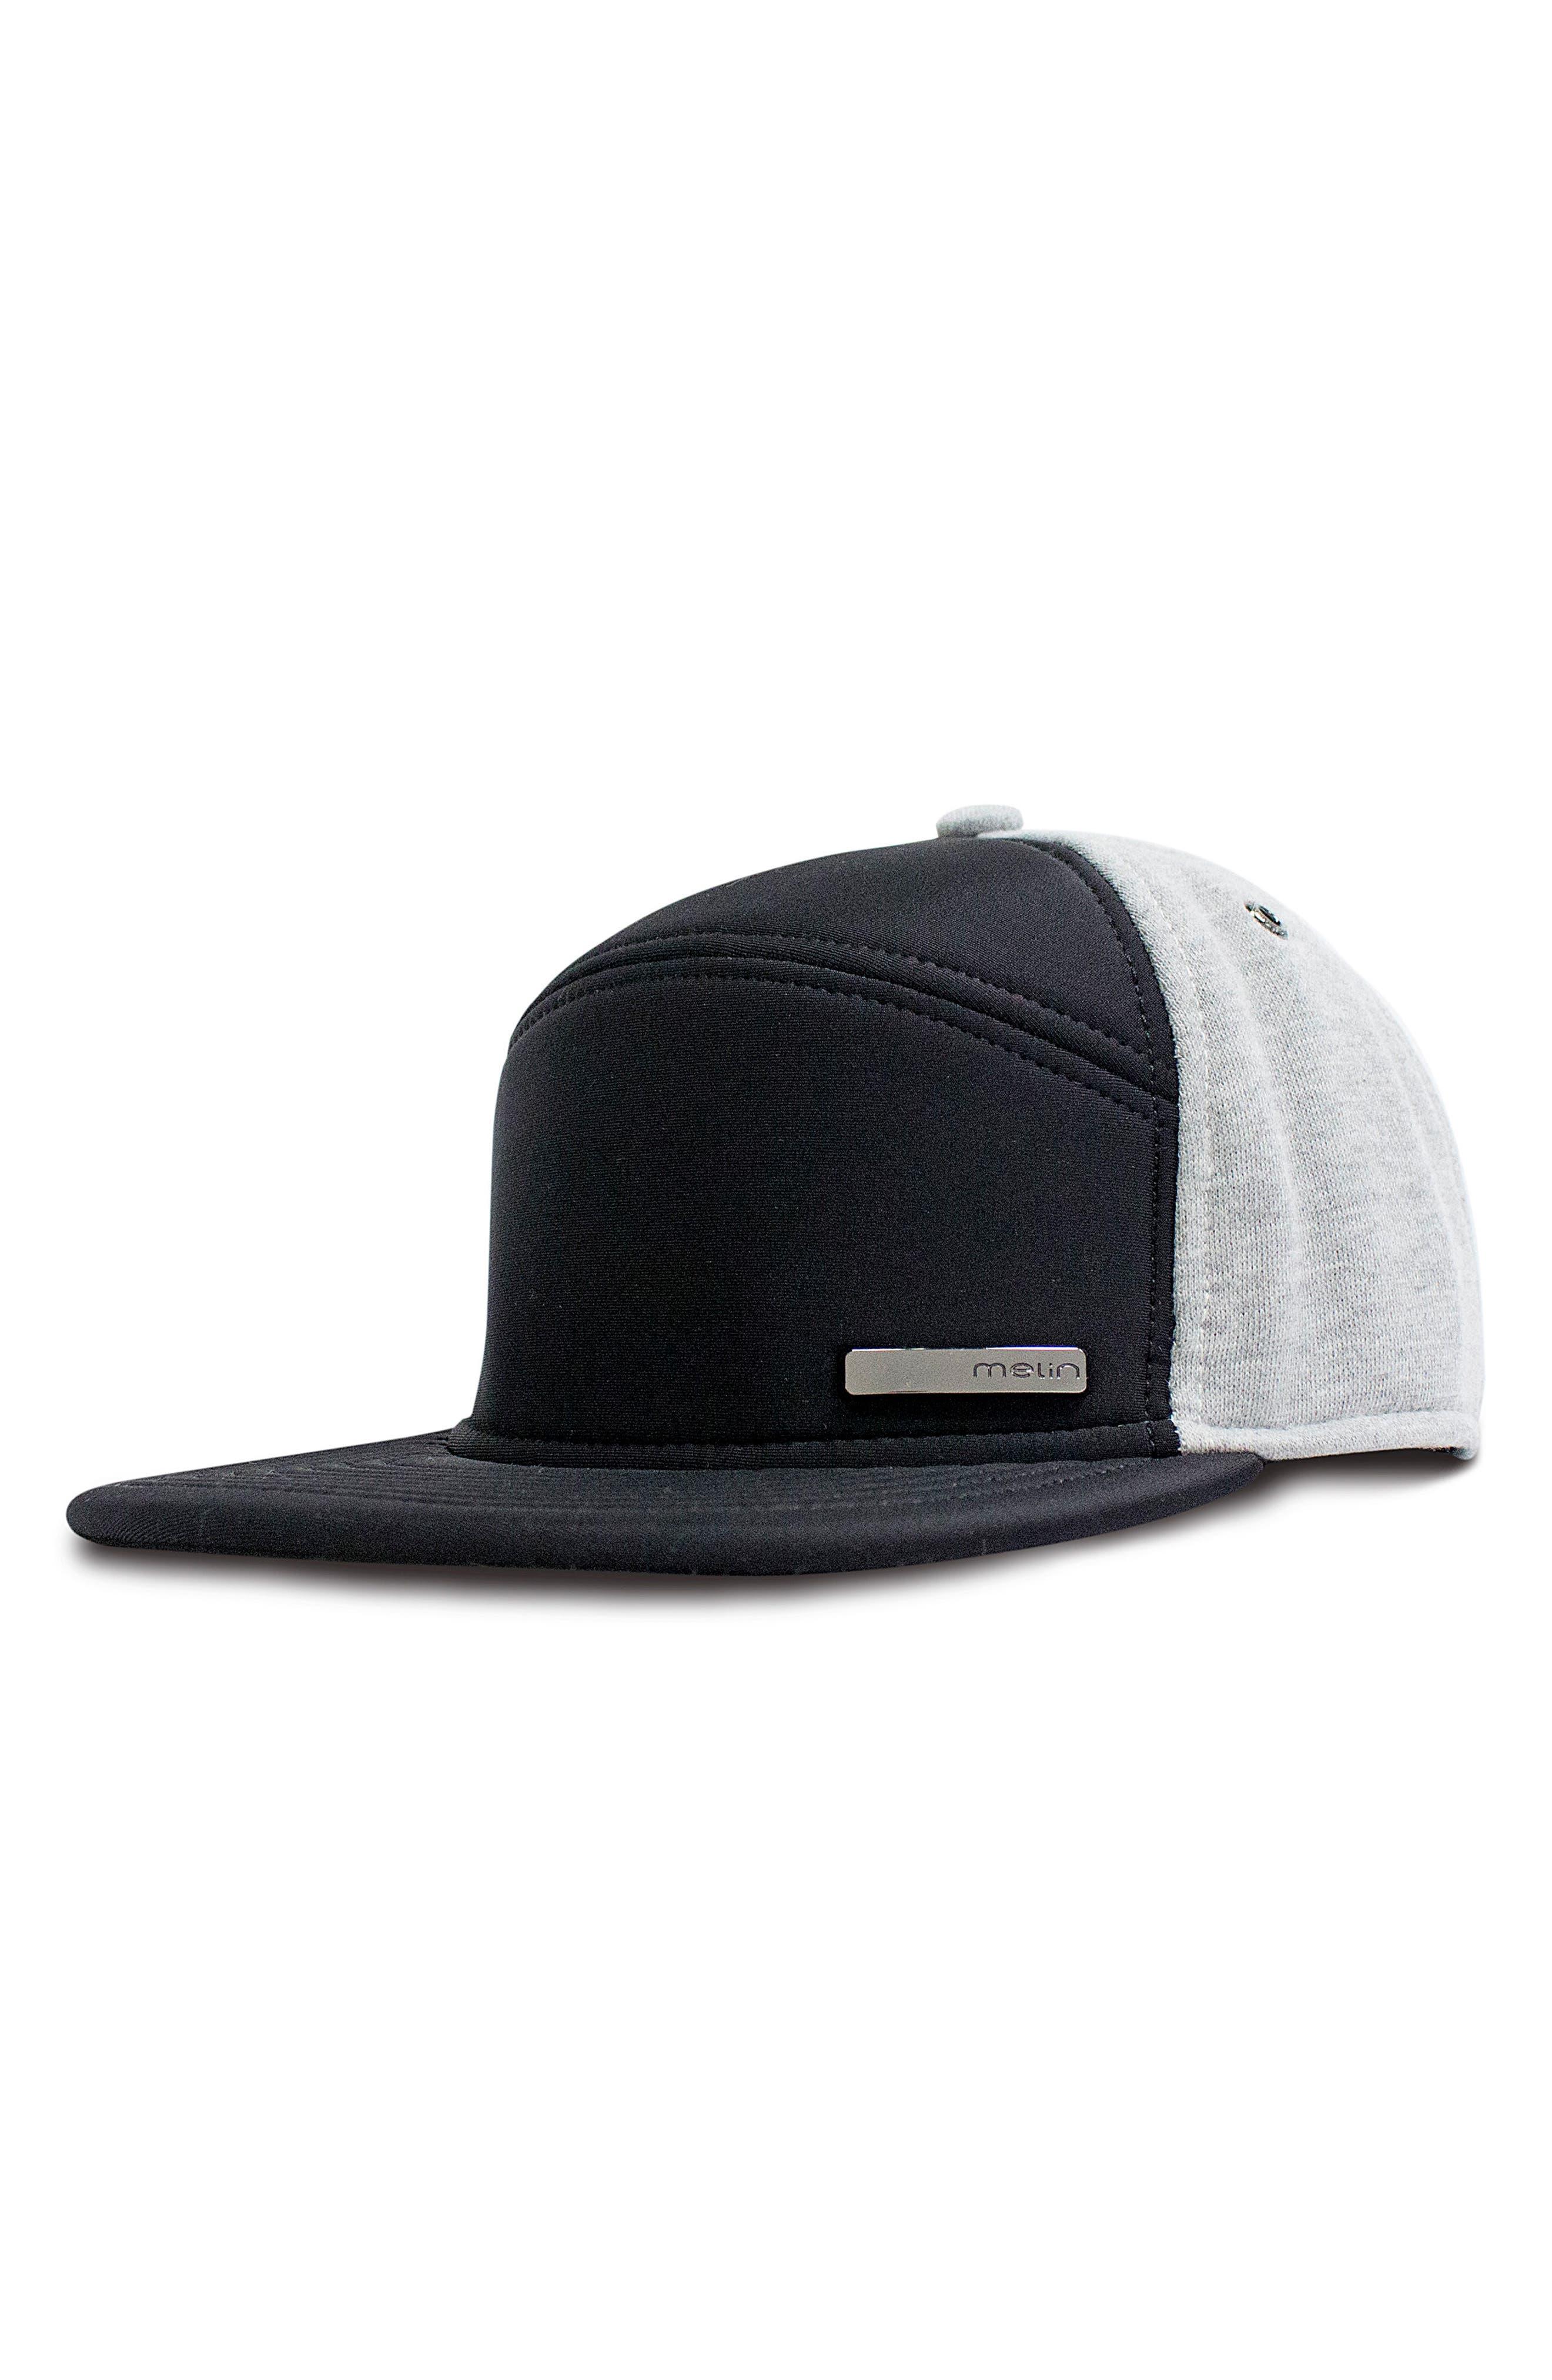 online store 72e40 bae25 MELIN MINI BAR SNAPBACK CAP - BLACK, BLACK  ROSE